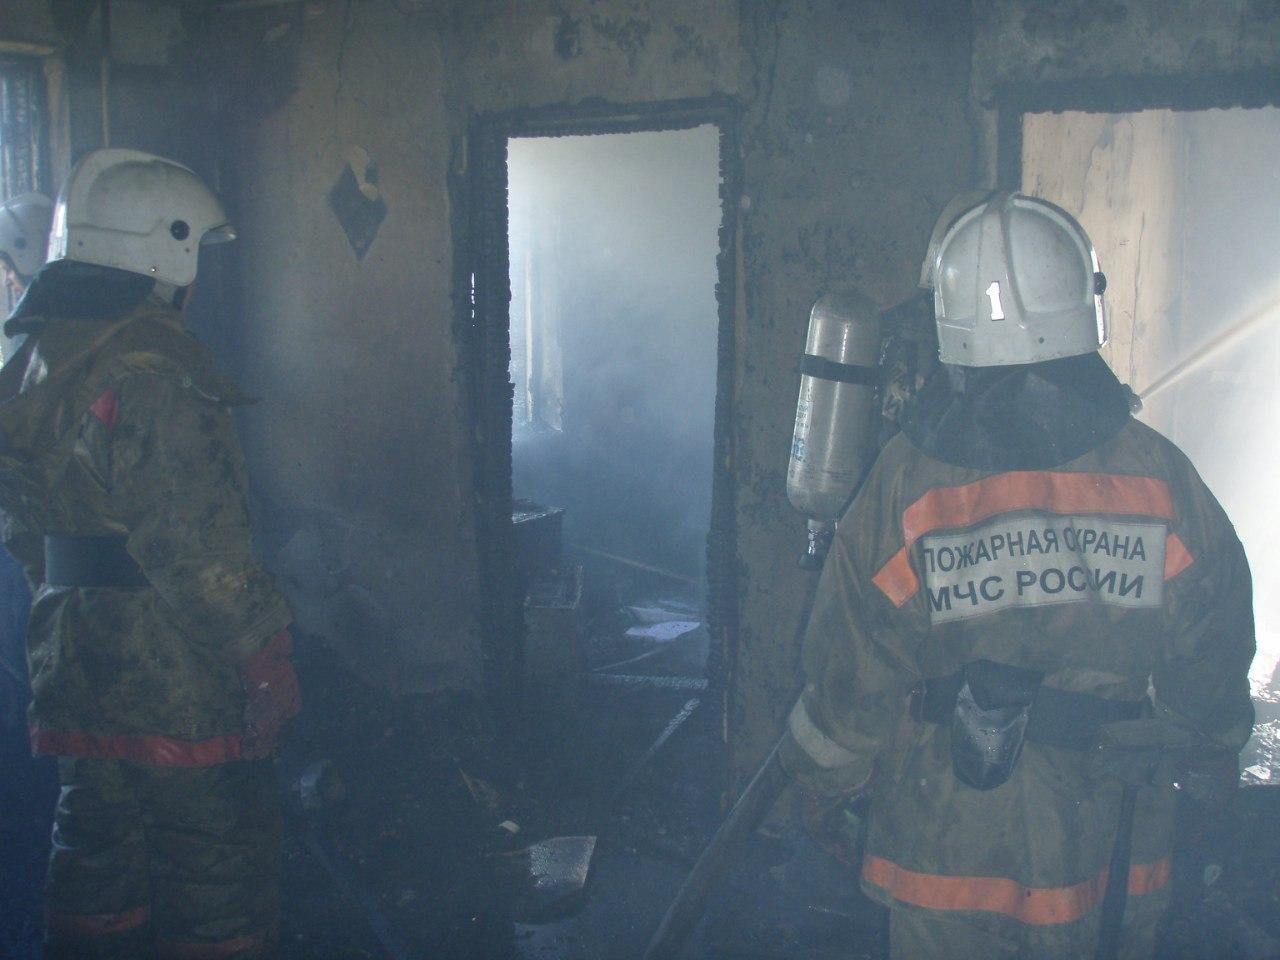 В Таганроге при пожаре погибла 77-летняя женщина, ее 80-летний муж в больнице